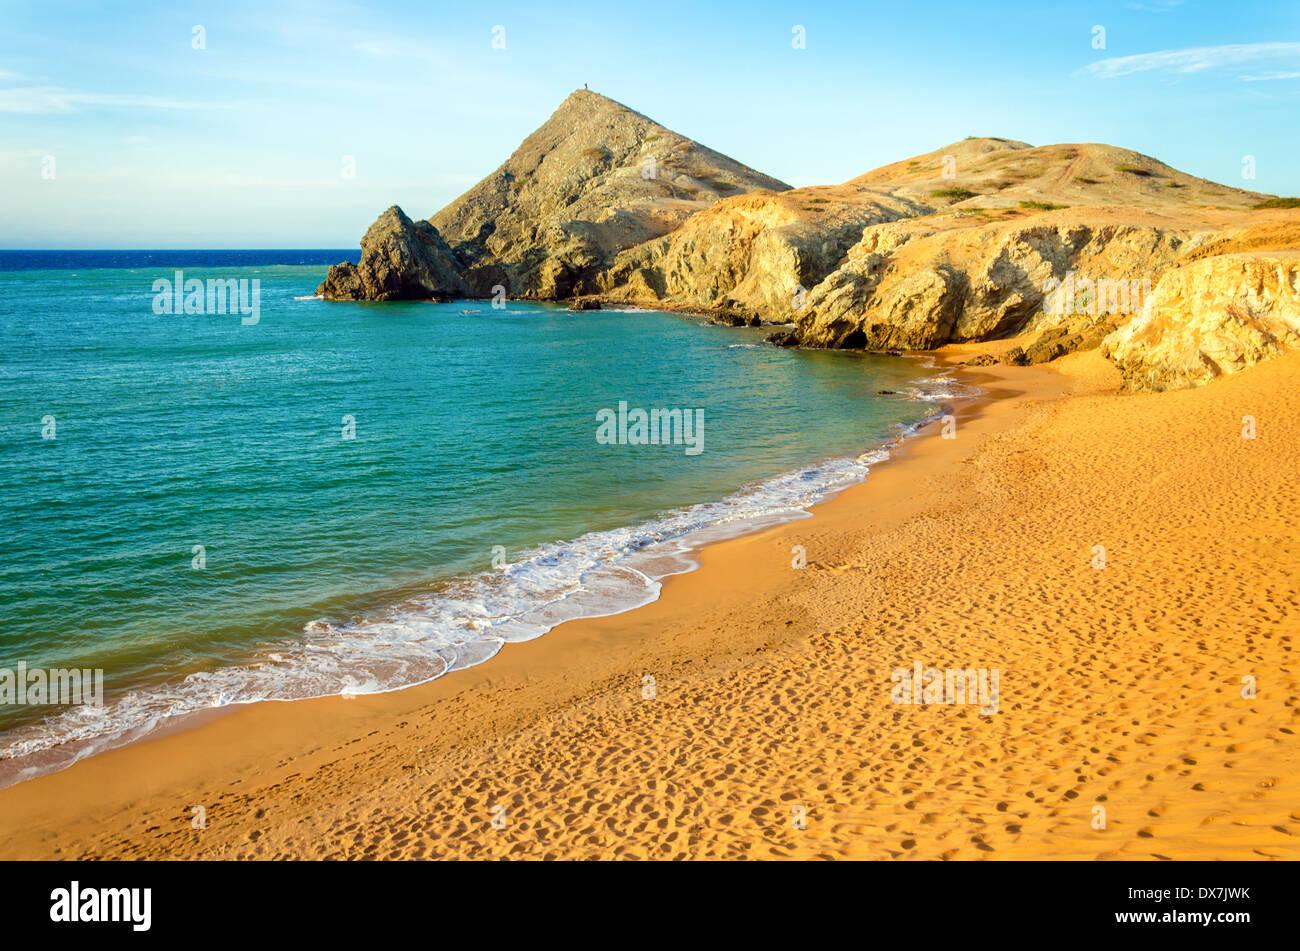 Beach at Pilon de Azucar in La Guajira, Colombia - Stock Image